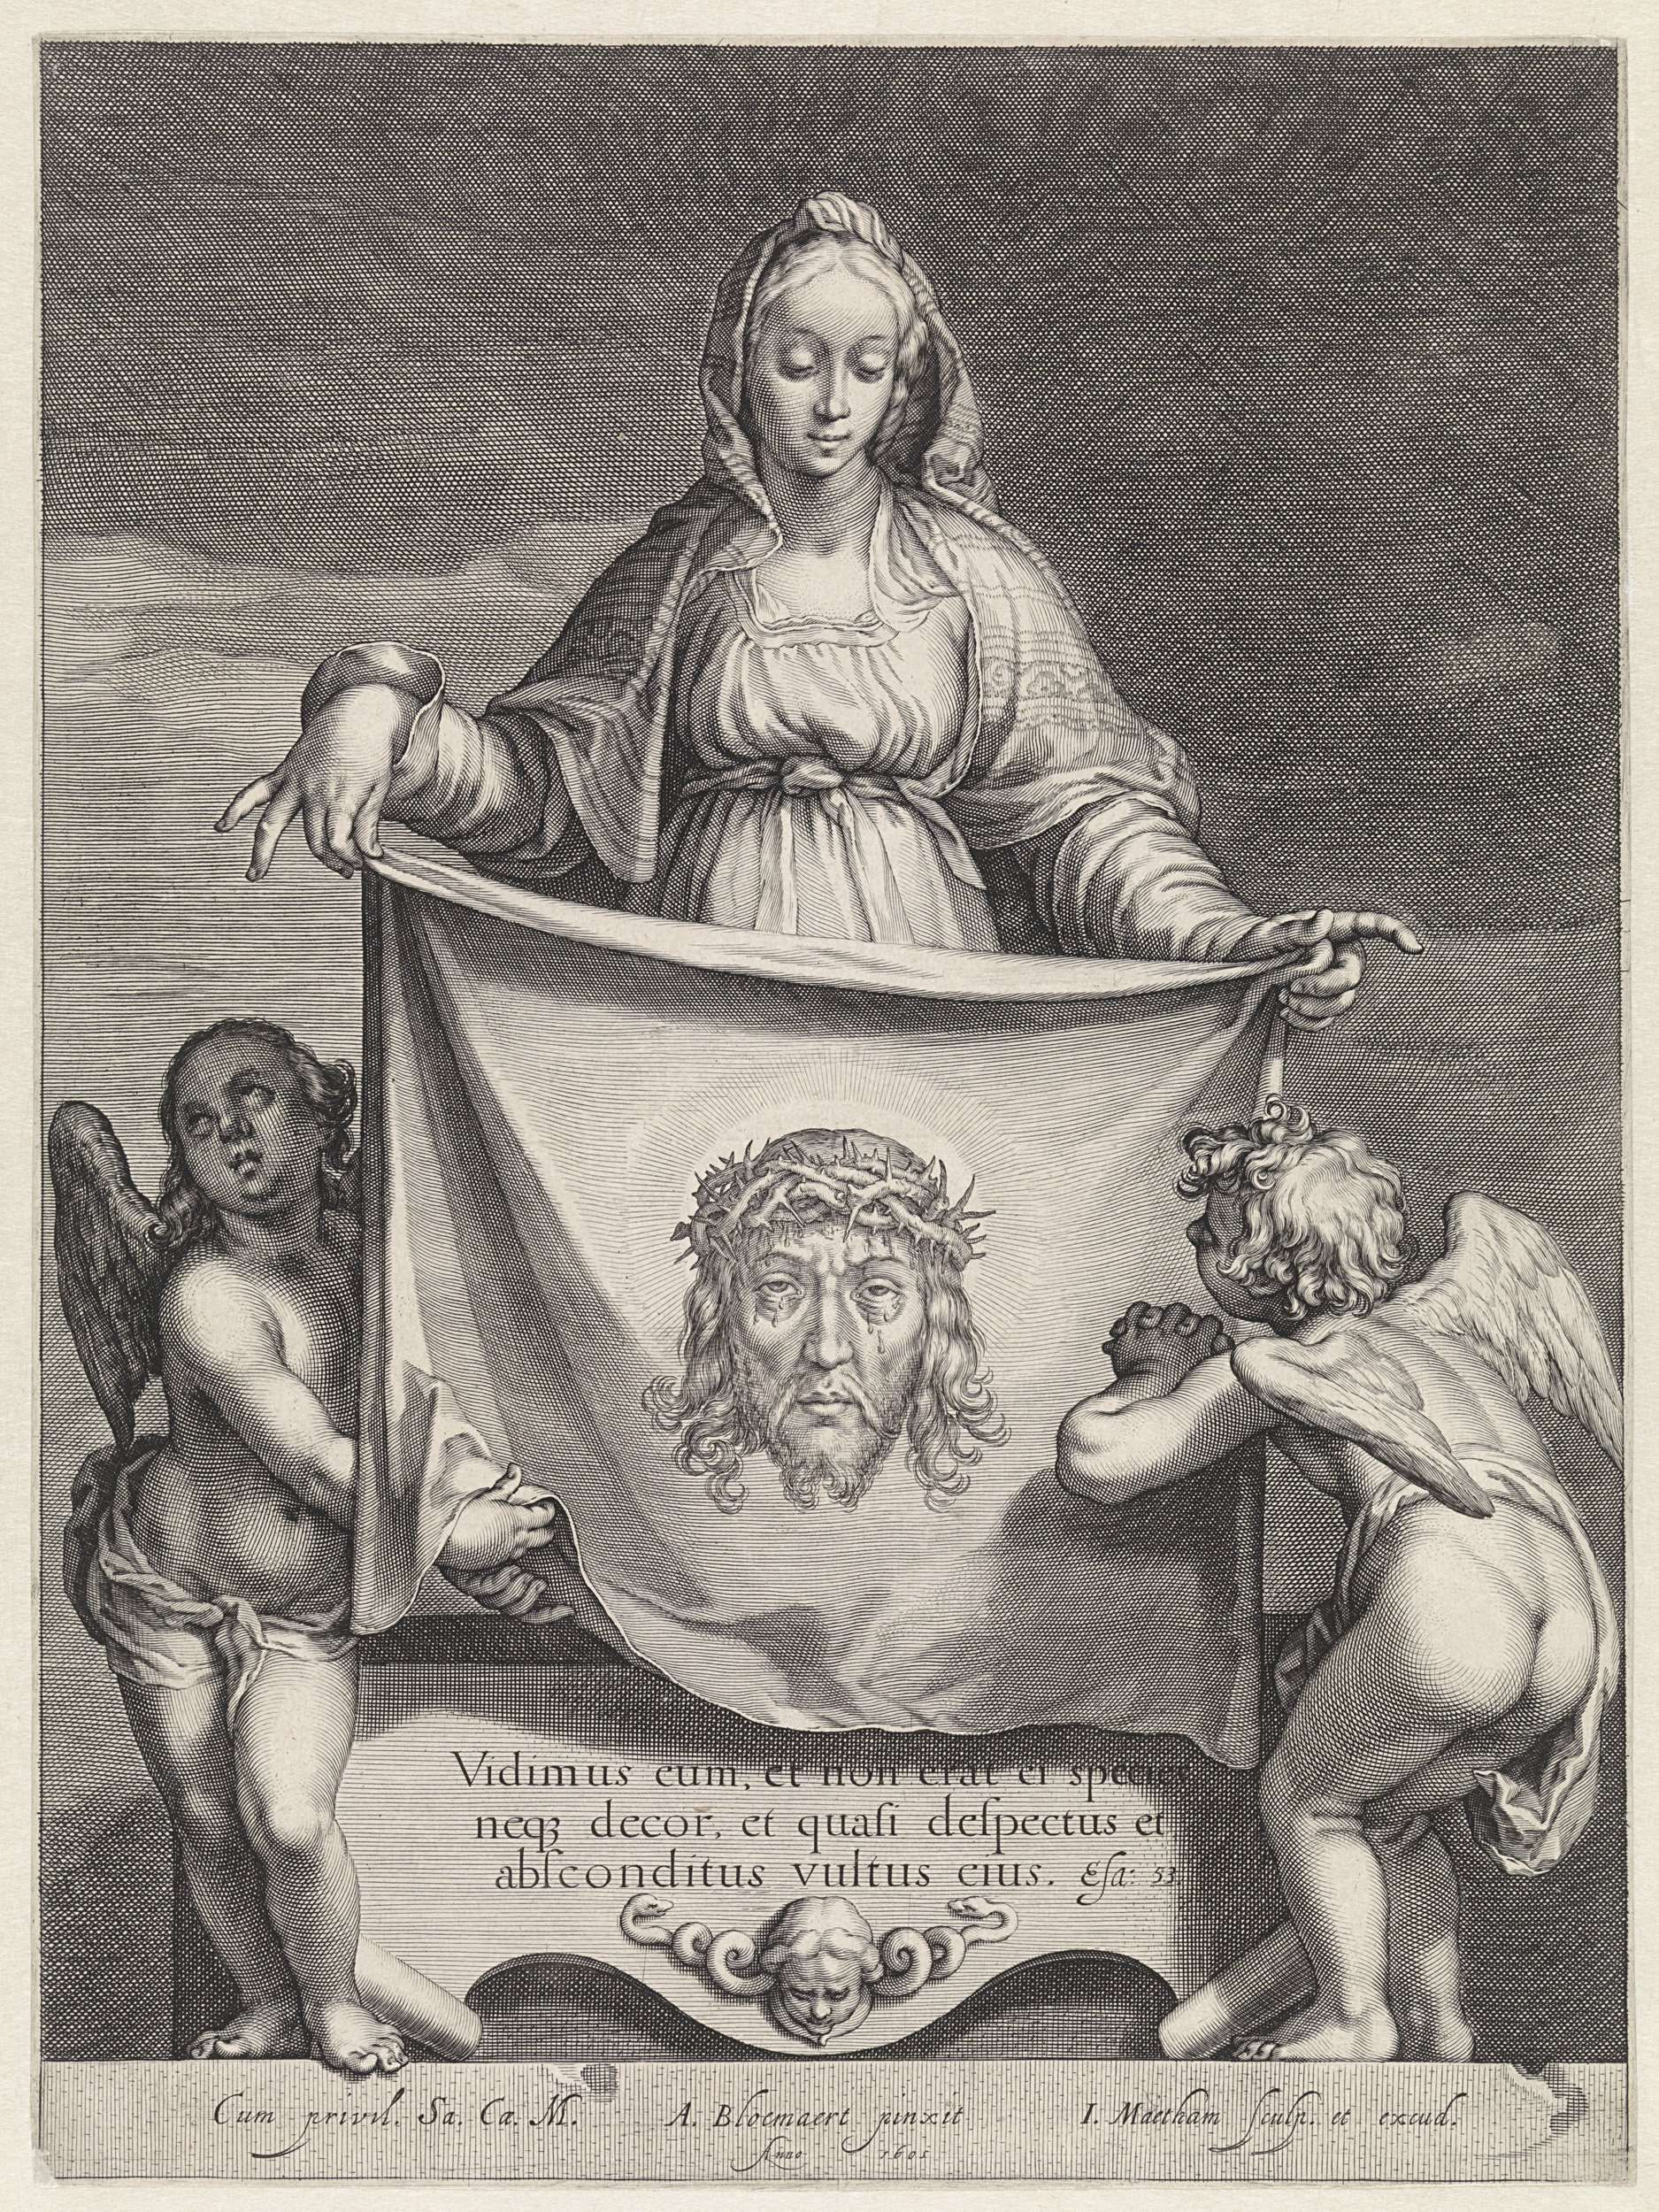 H. Veronica met de zweetdoek, Jacob Matham, 1605